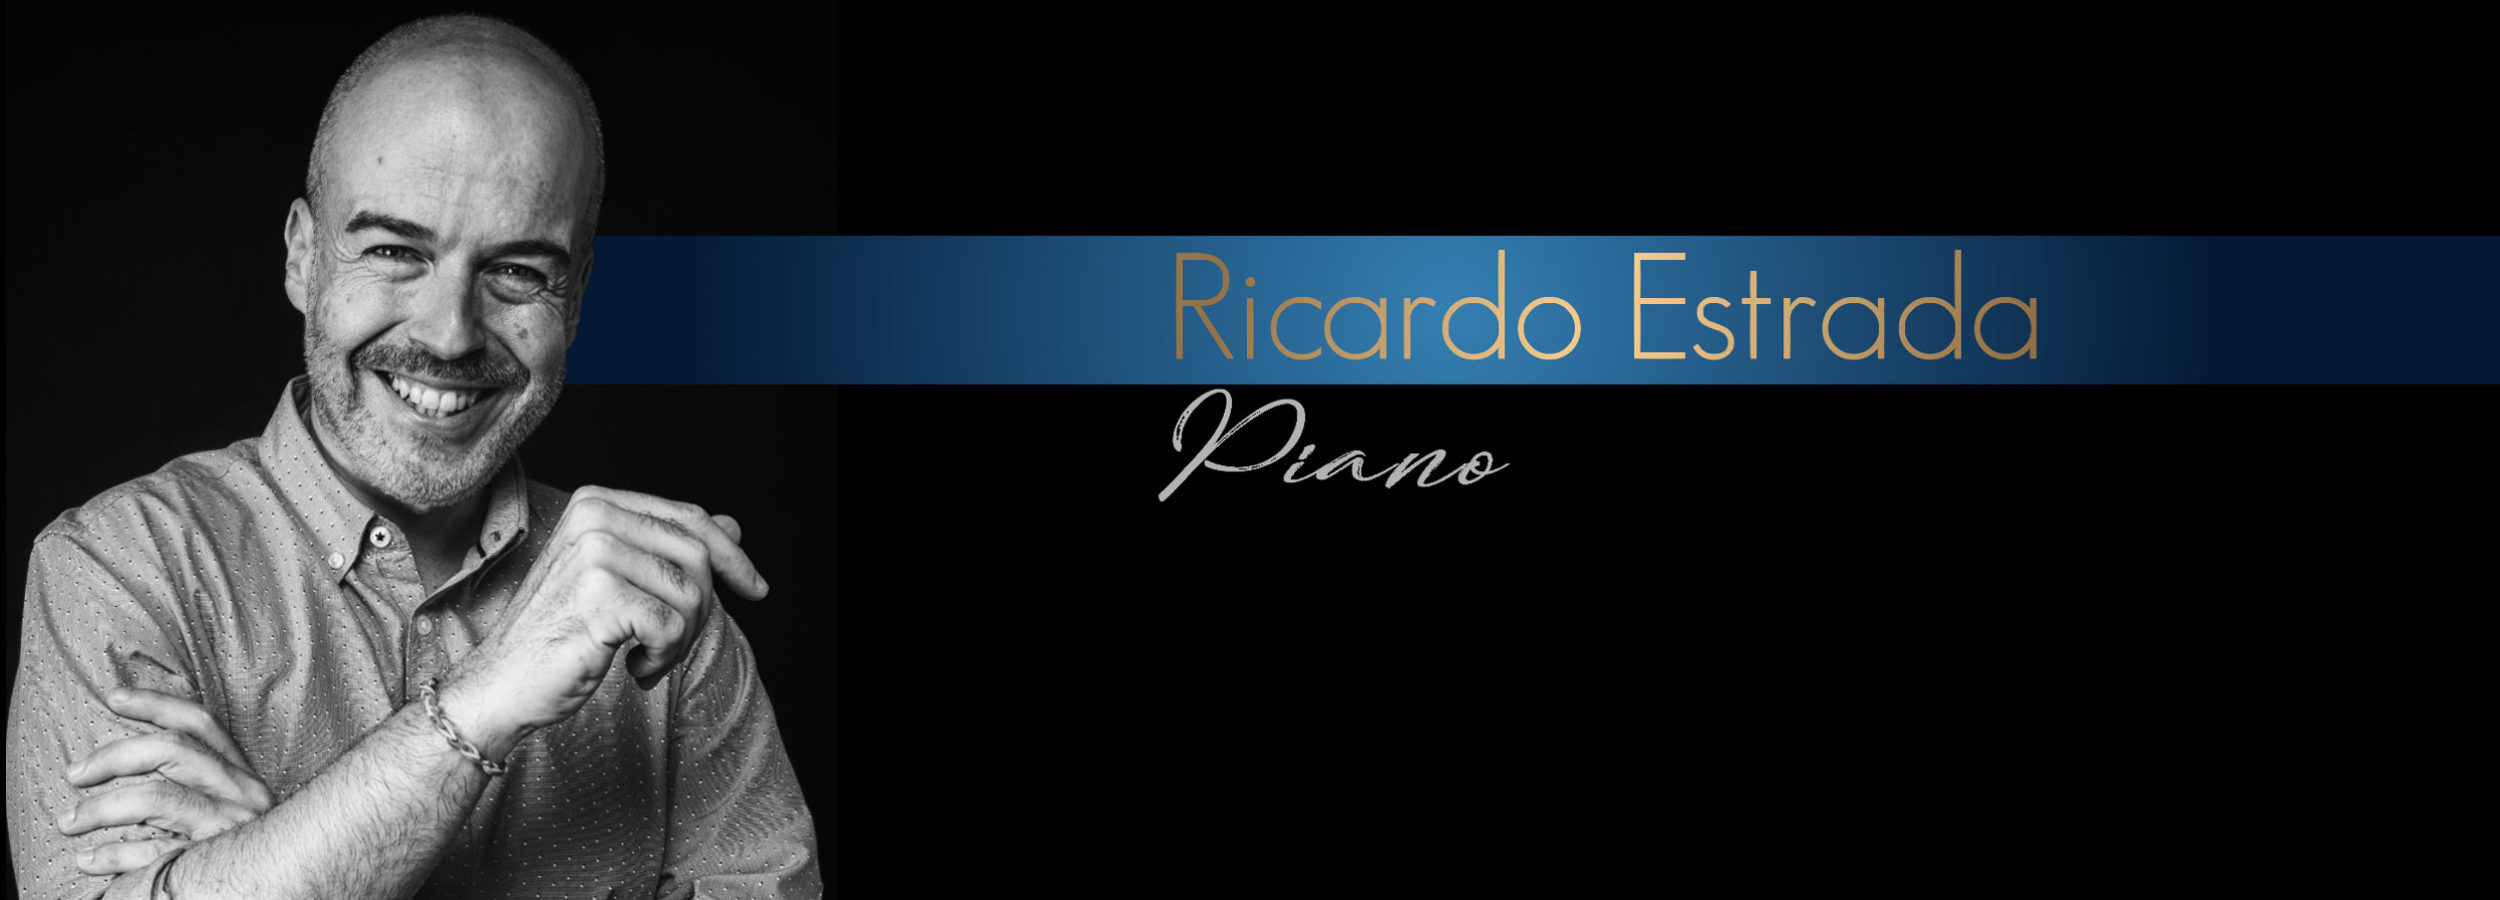 RICARDO-ESTRADA